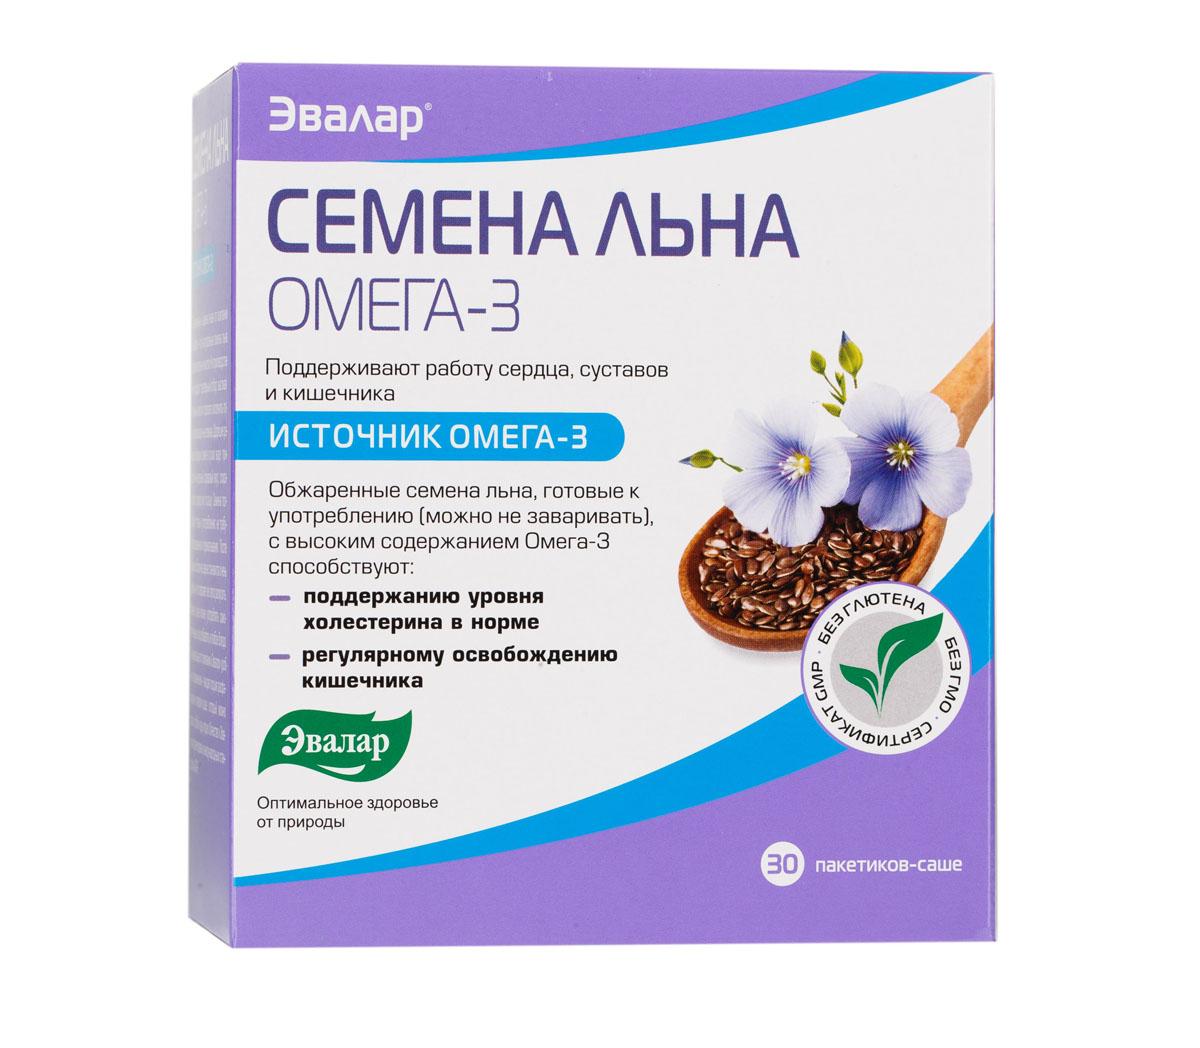 Эвалар Семена льна, 30 пакетиков-саше ufeelgood flax seeds brown crushed органические семена бурого льна молотые 200 г